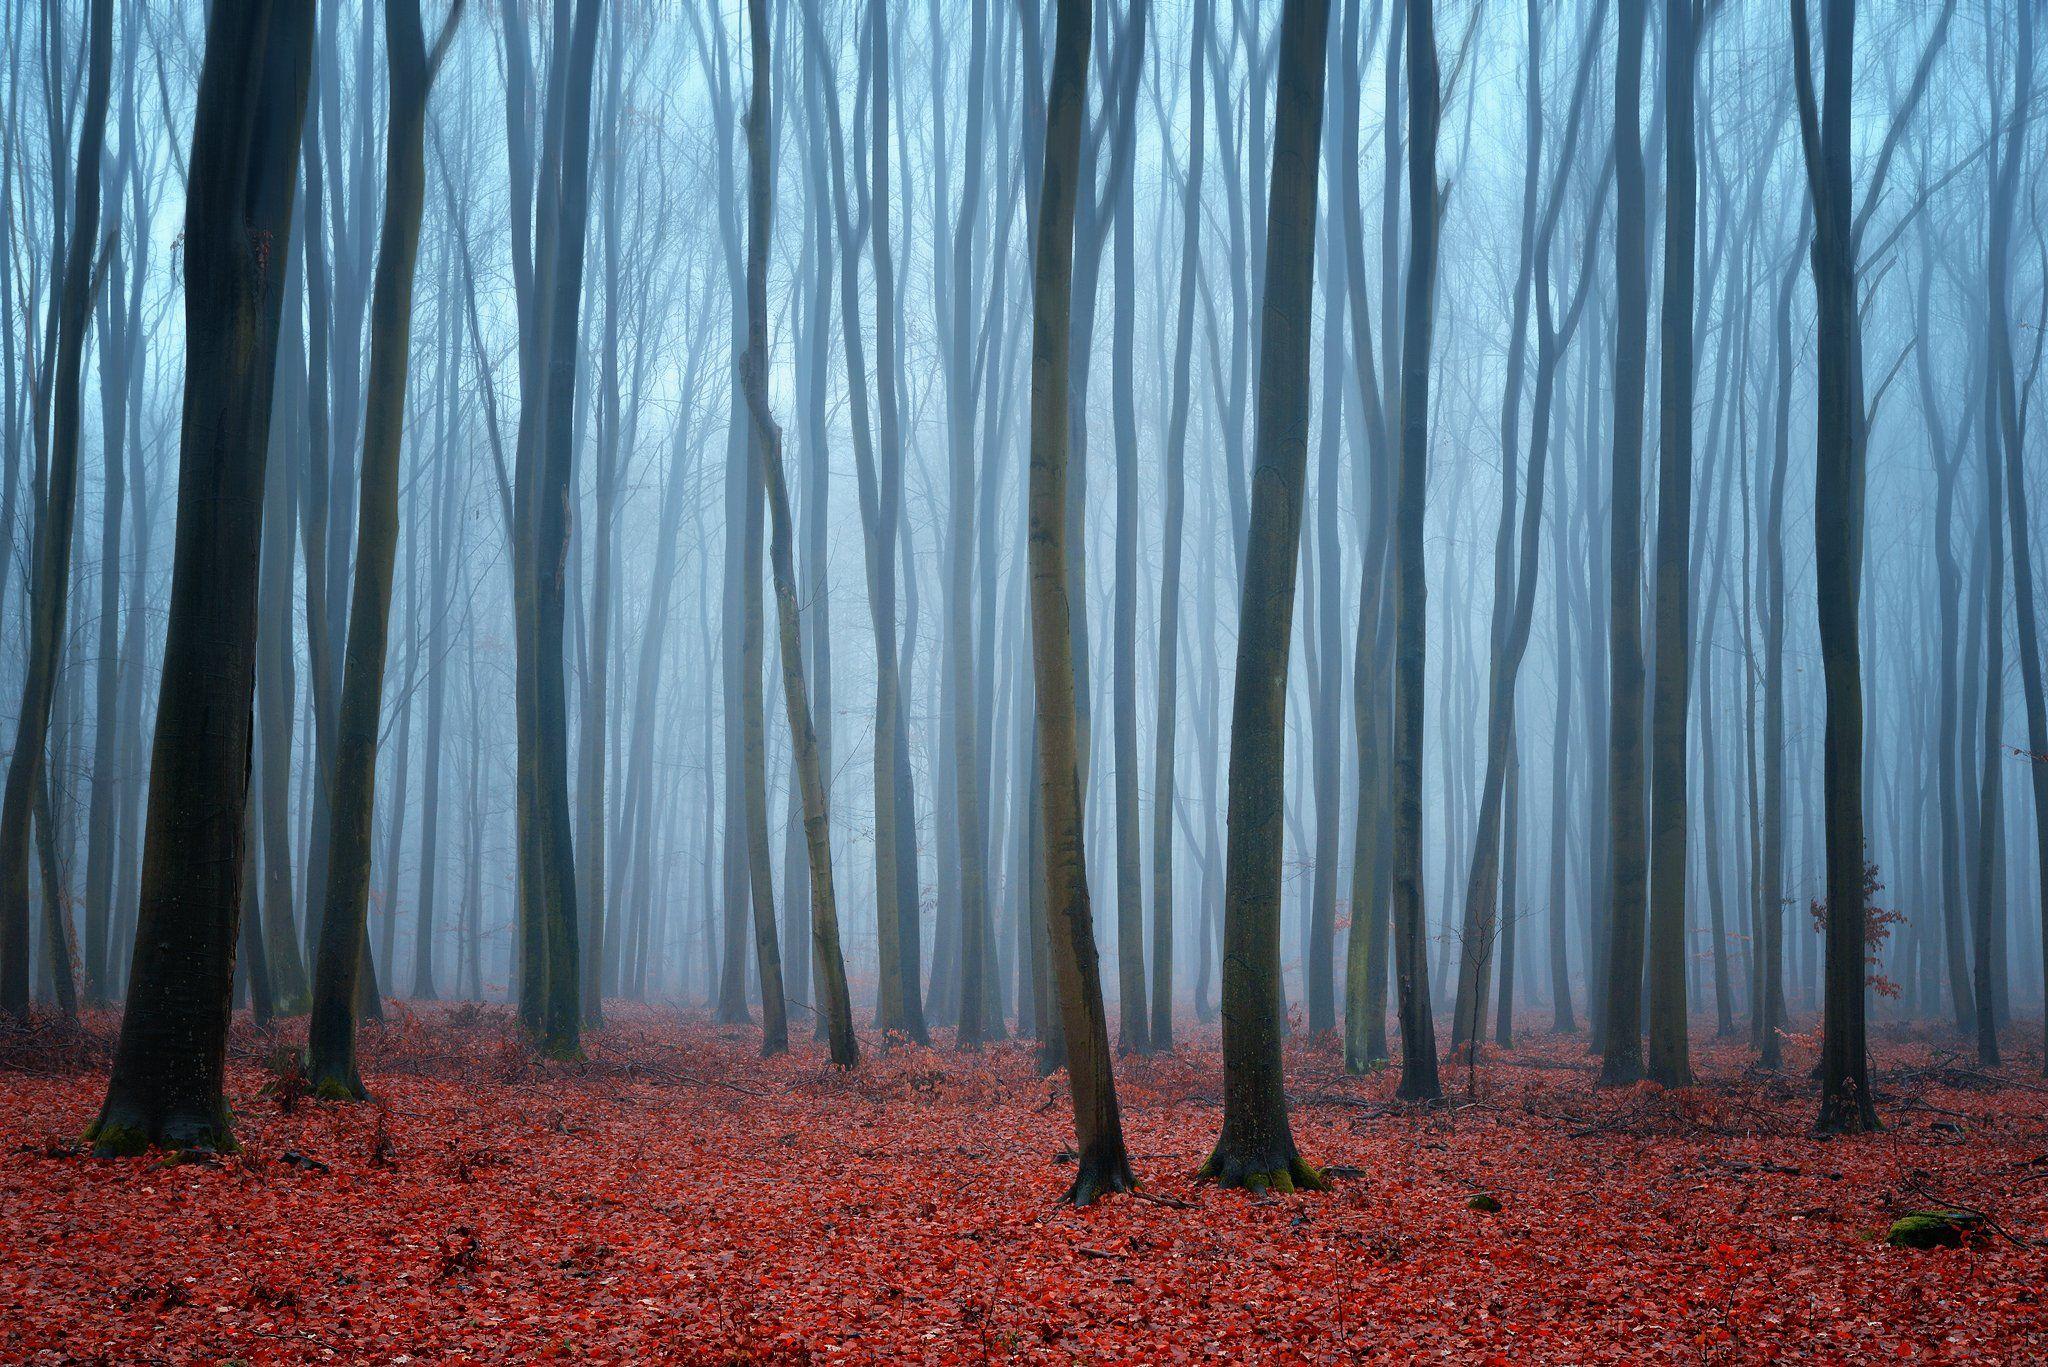 утро в буковом лесу beech forest mist foggy morning magic trees minimalism dranikowski nature деревья, Radoslaw Dranikowski